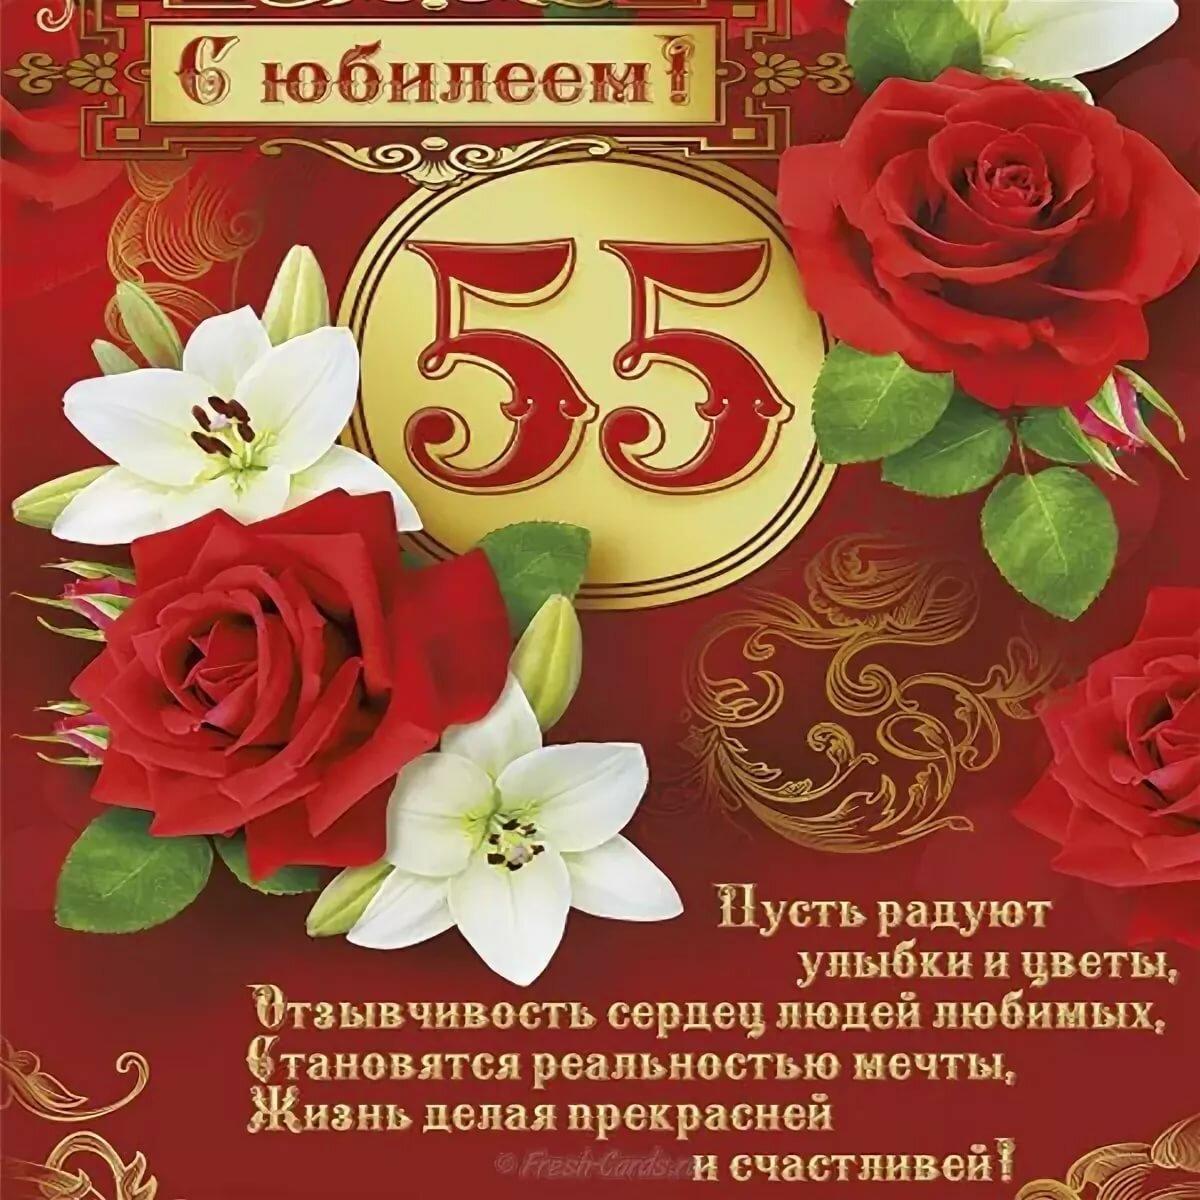 Поздравления в прозе коллеге с 55 летием женщине